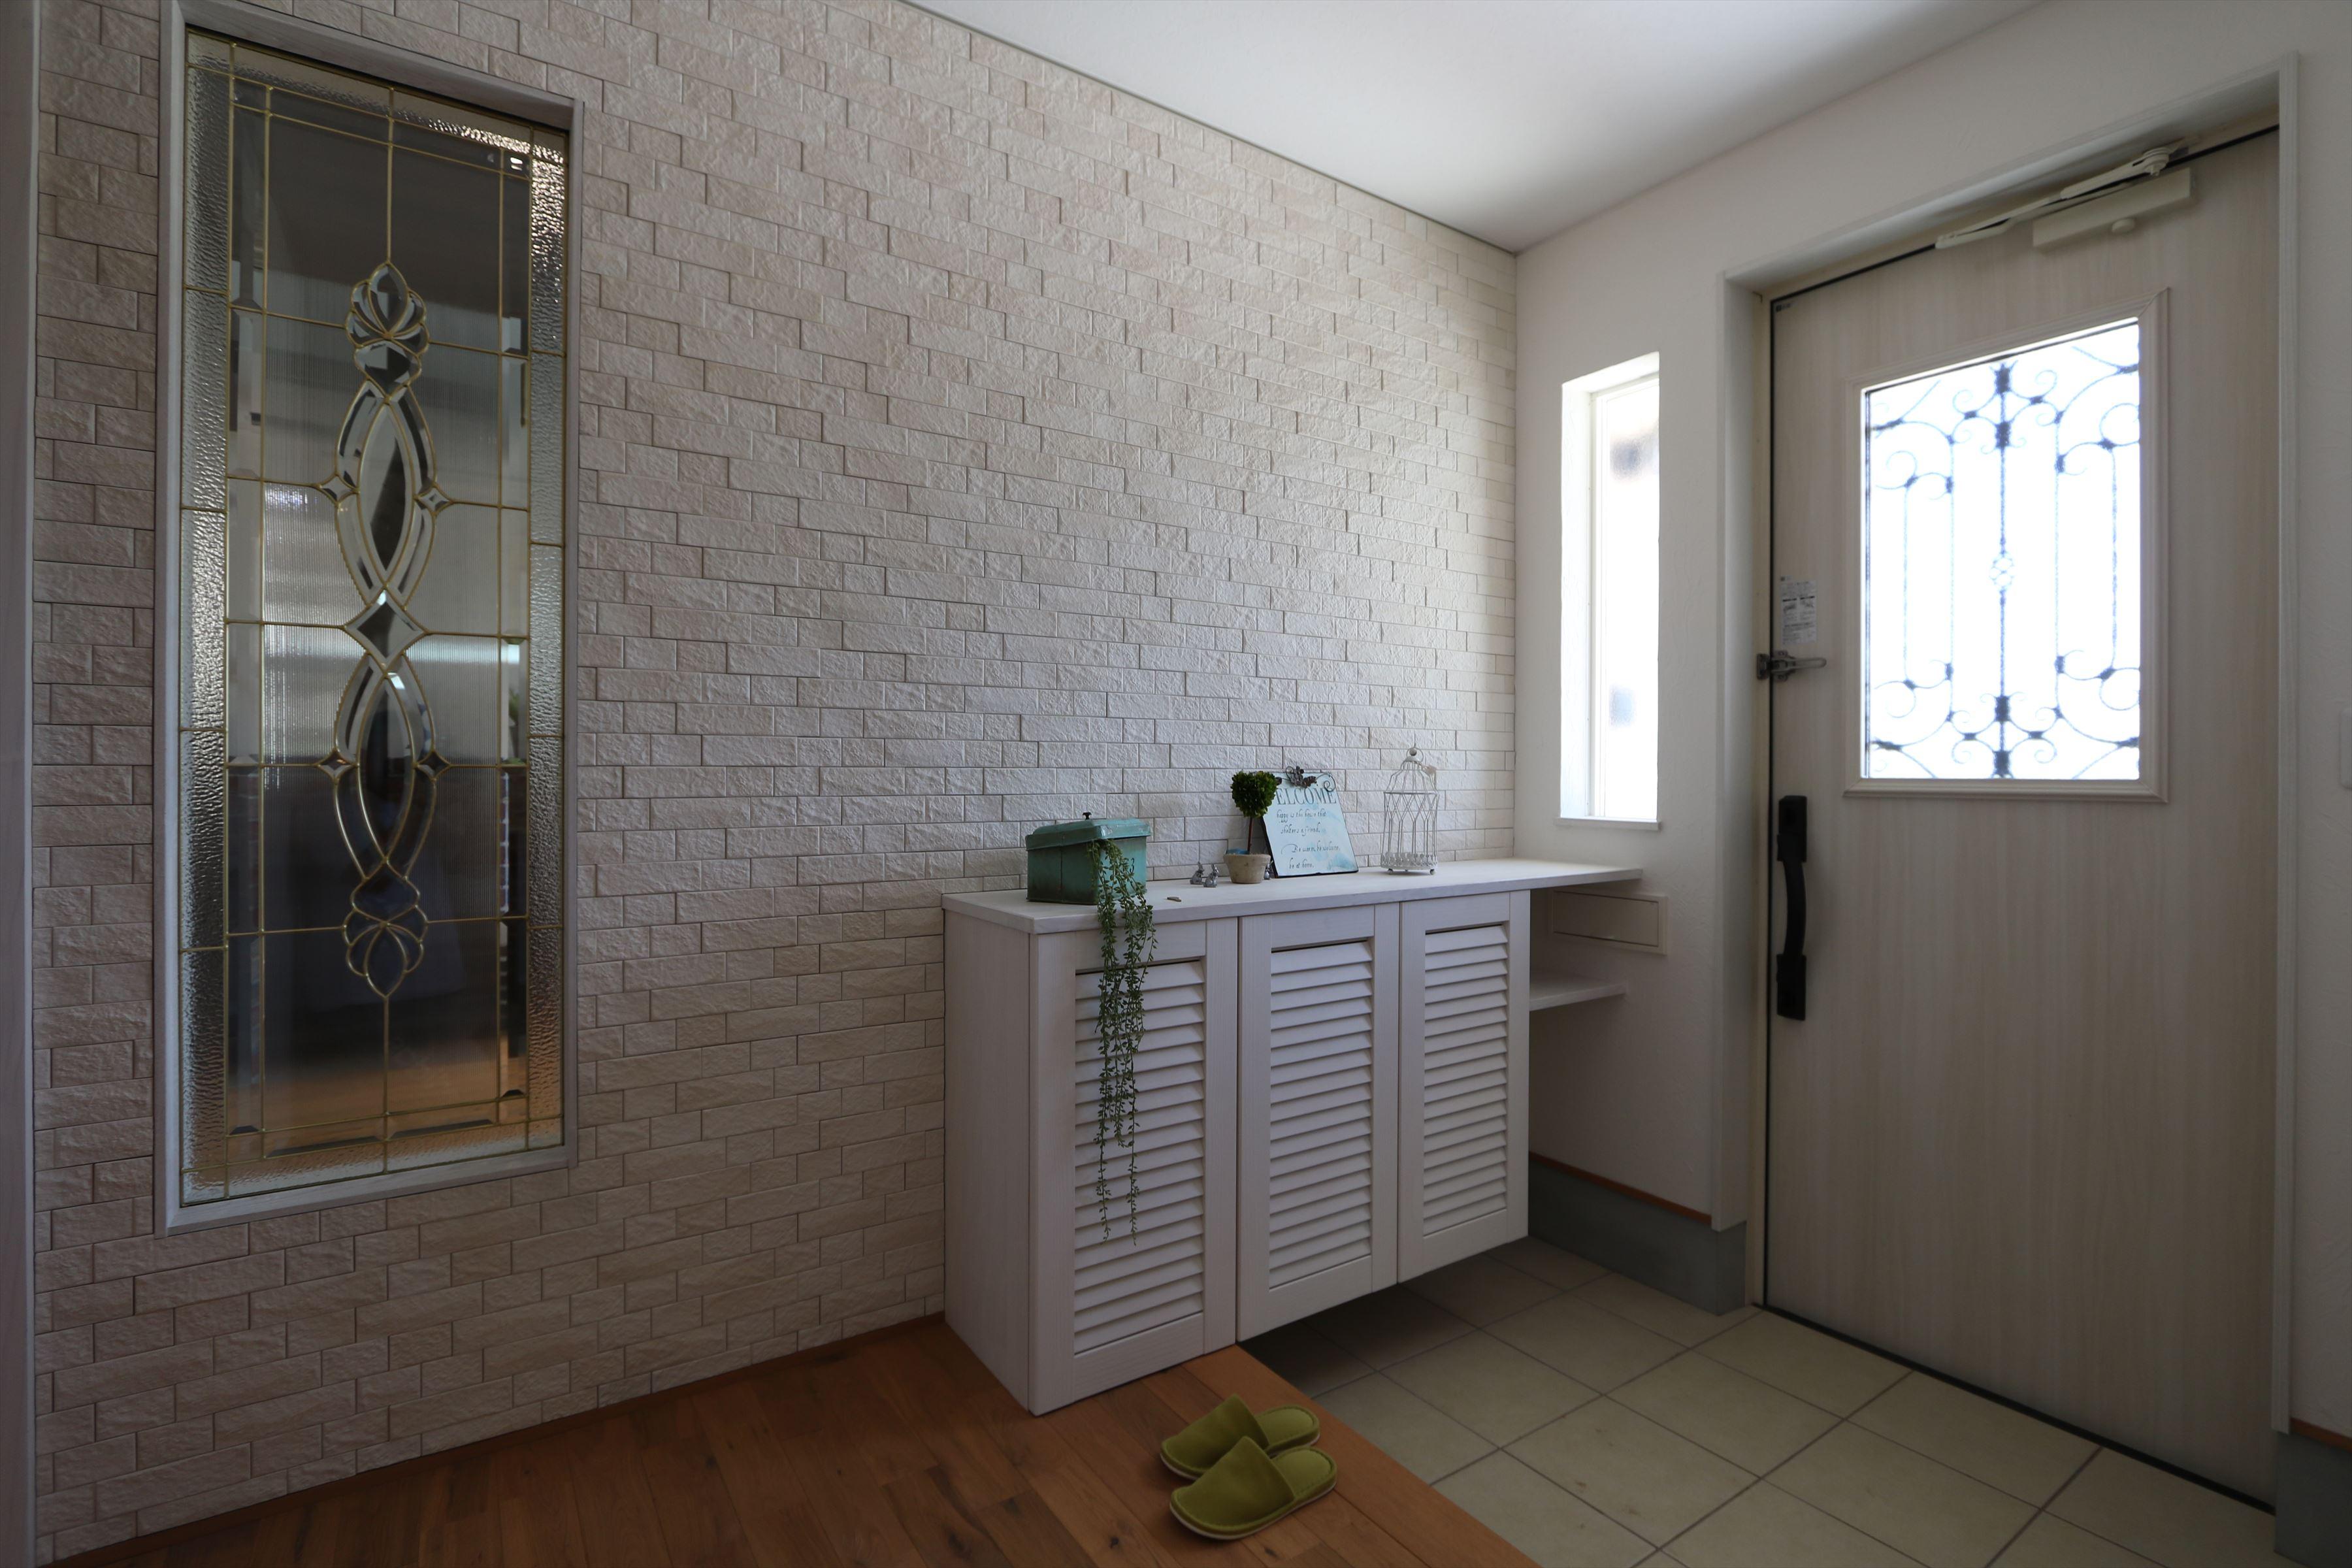 三角屋根が素敵な北欧風の家|石川県金沢市の注文住宅・デザイン性・新築の家・戸建て|E-HOUSE